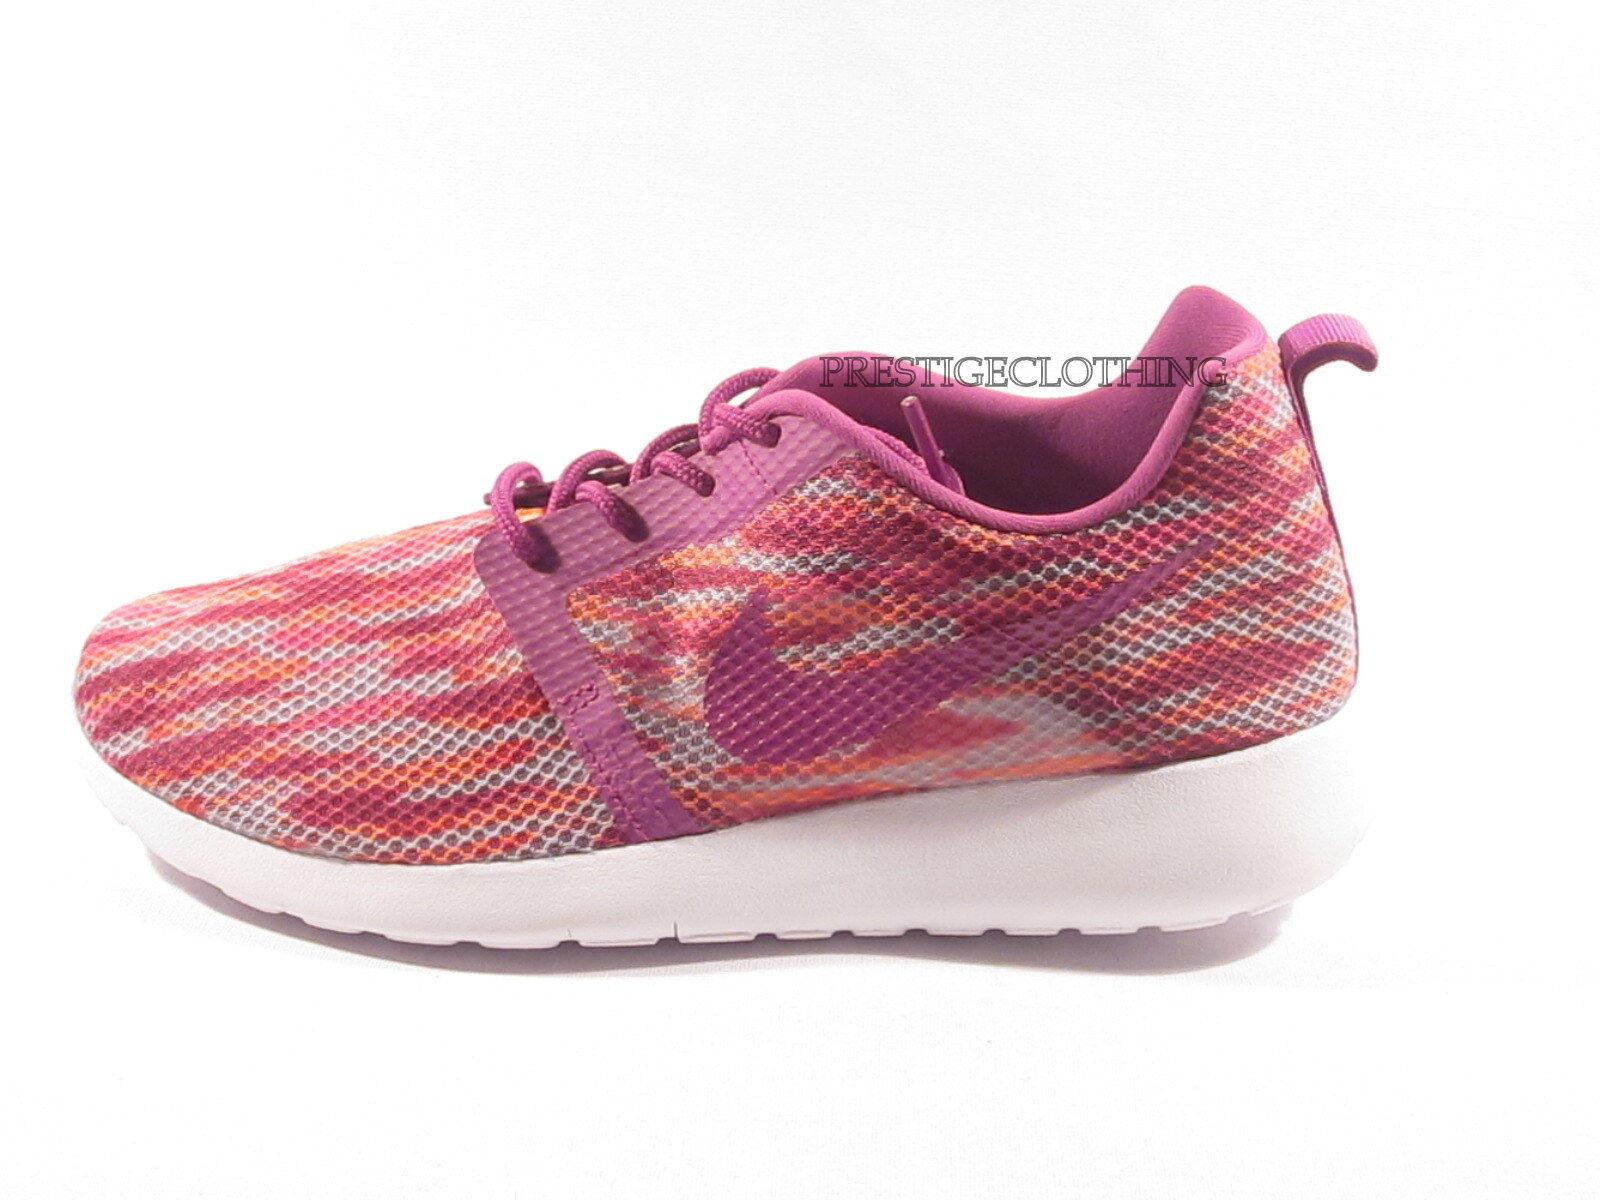 femmes Girls Nike Rosherun Roshe Run Flight Weight Trainers blanc rose 705486100